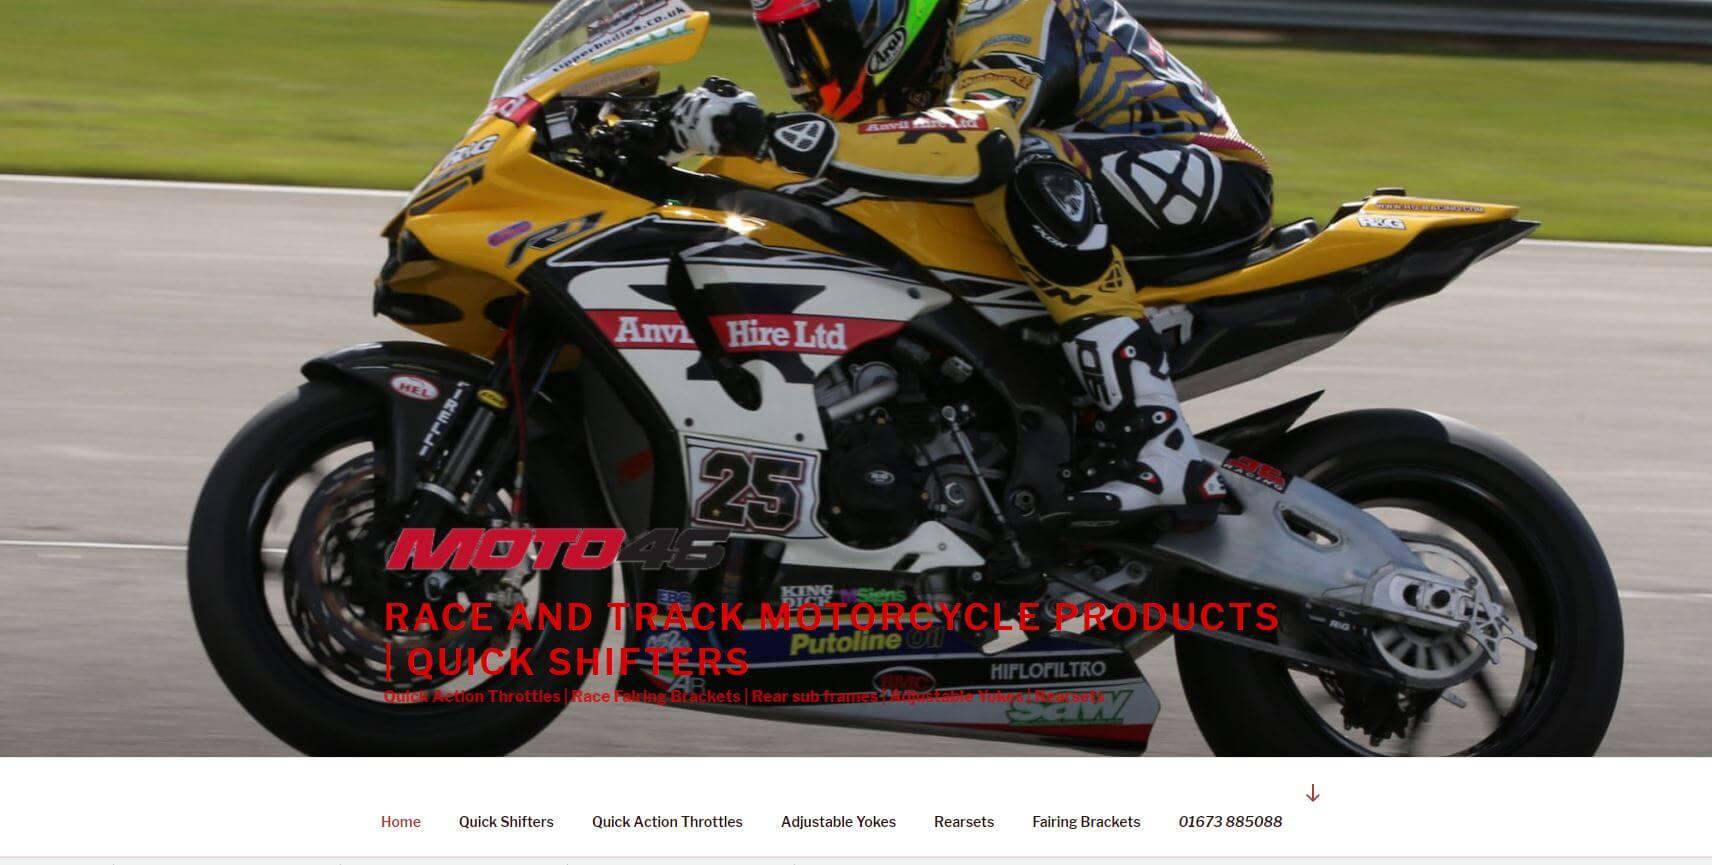 website launch moto46.co.uk